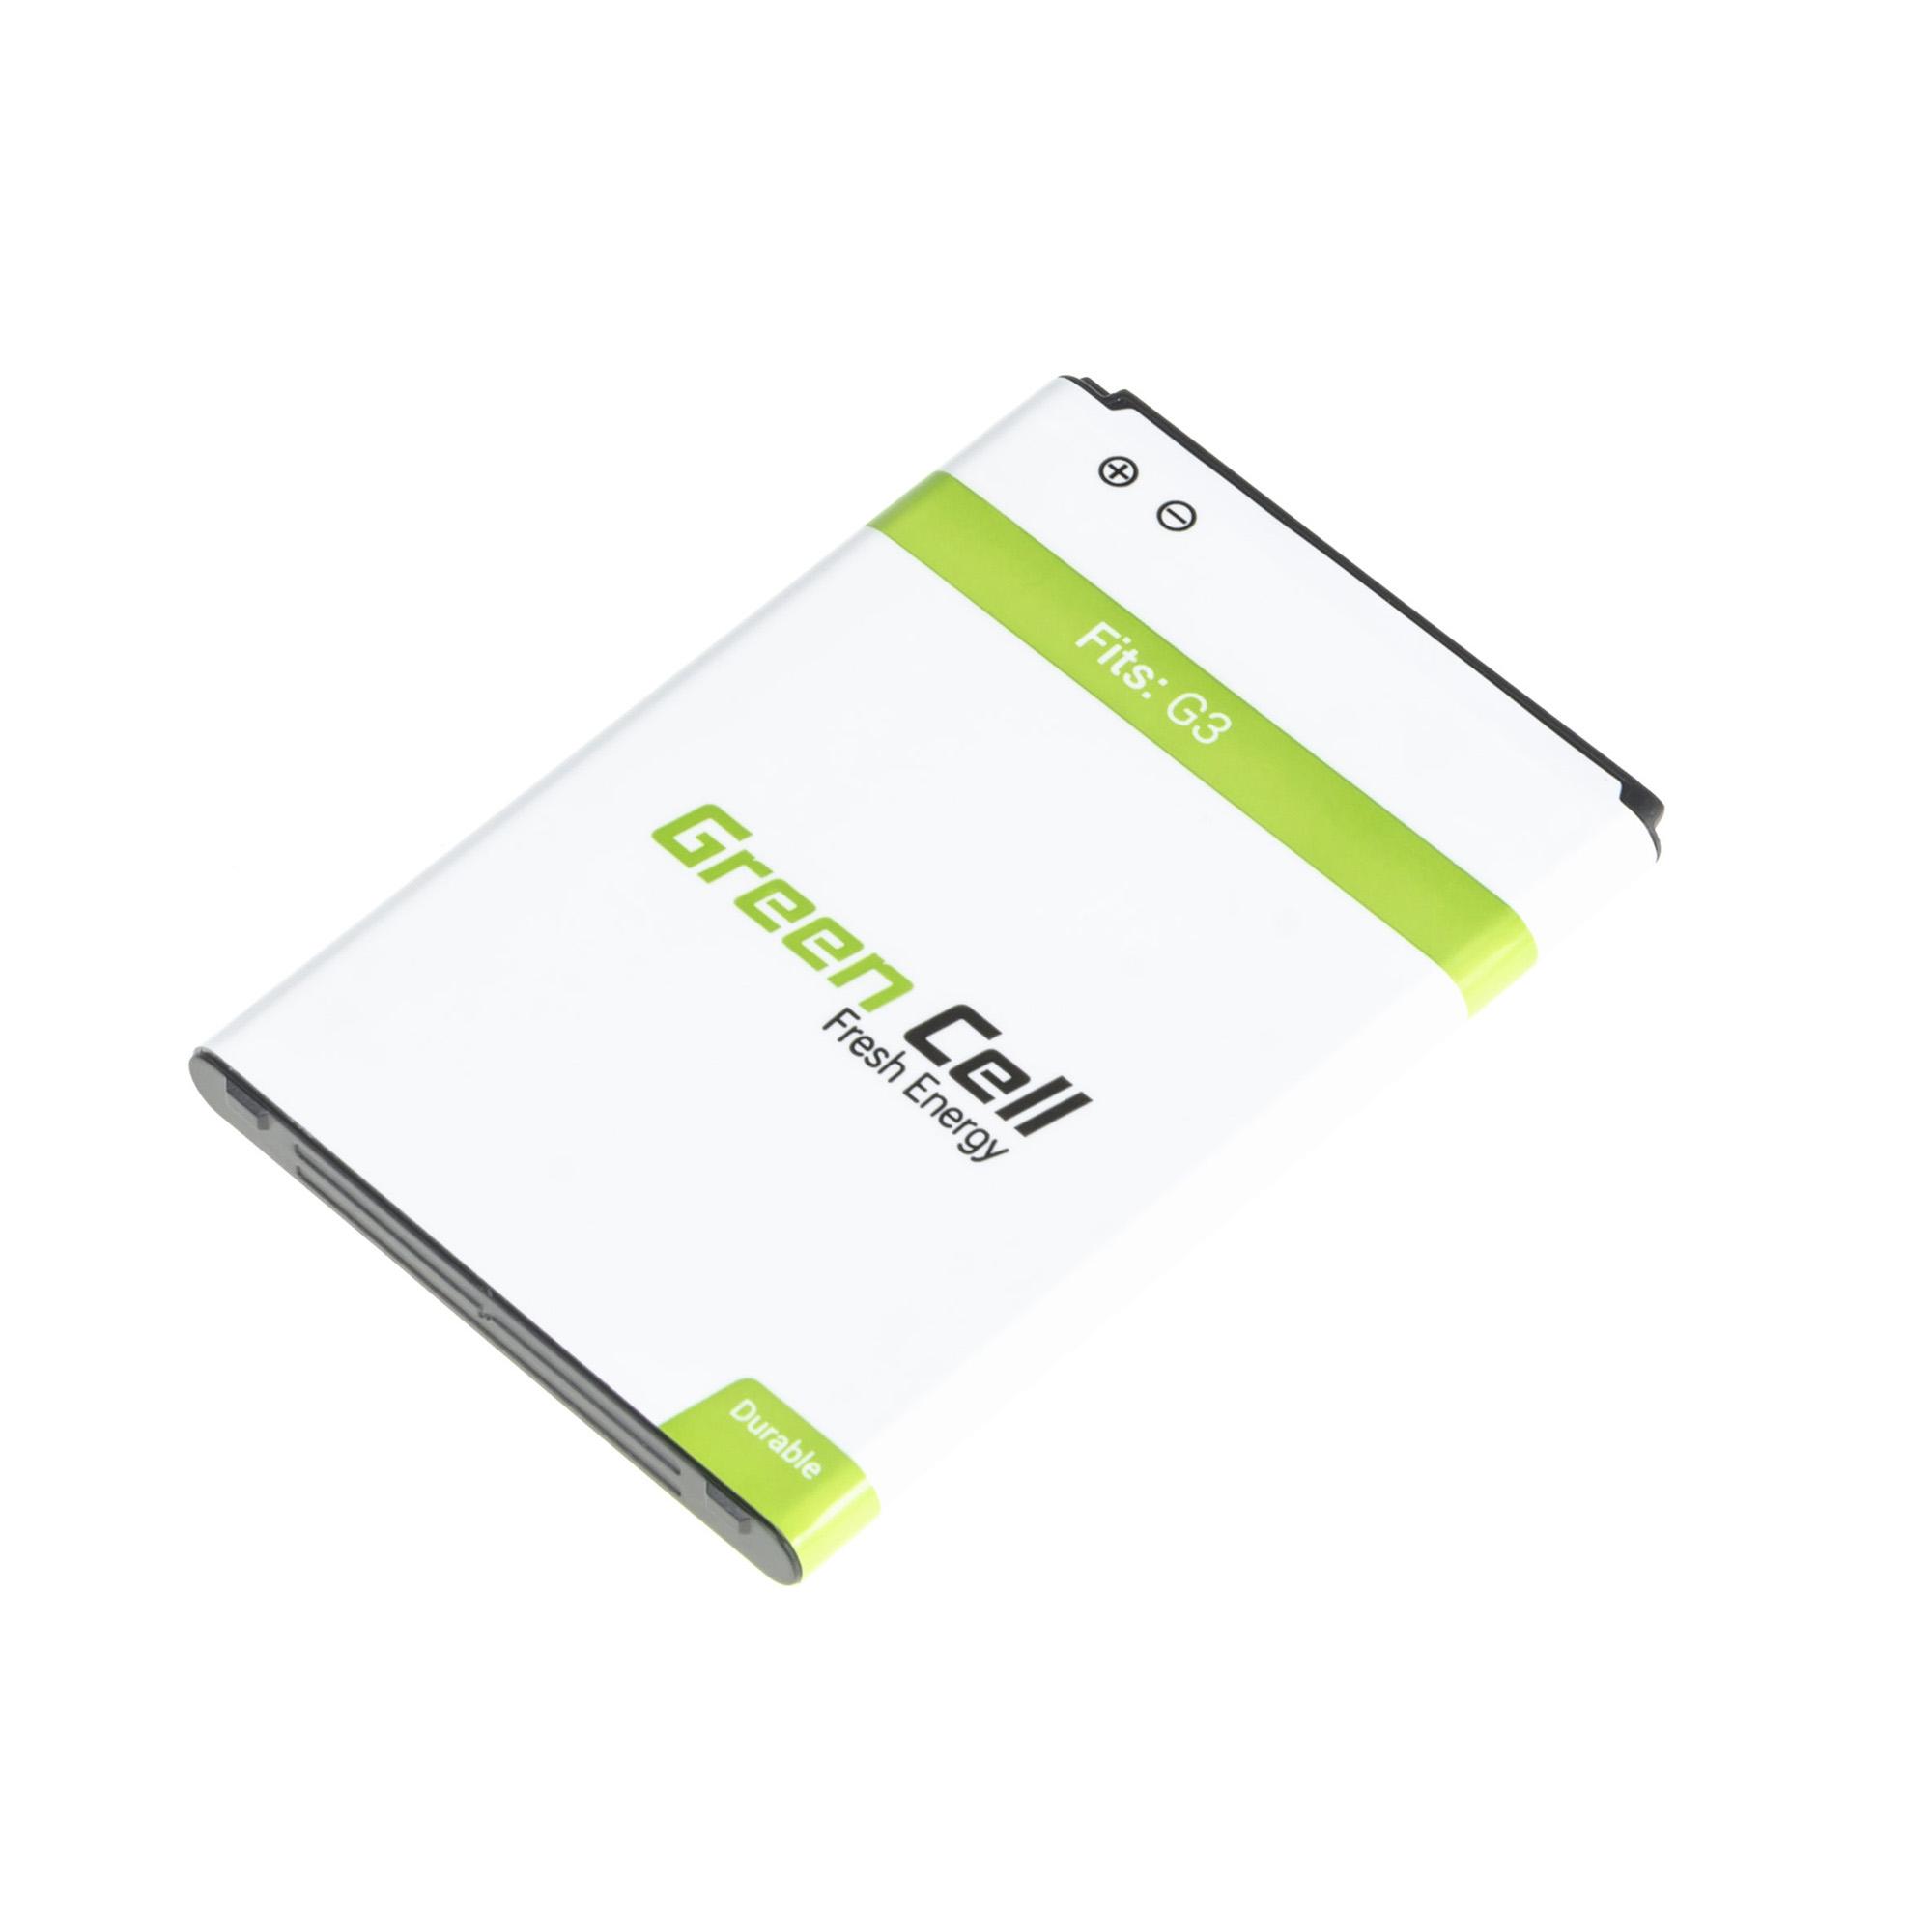 Battery For LG G3 D830 D850 D851 D855 D857 D858 D859 F400